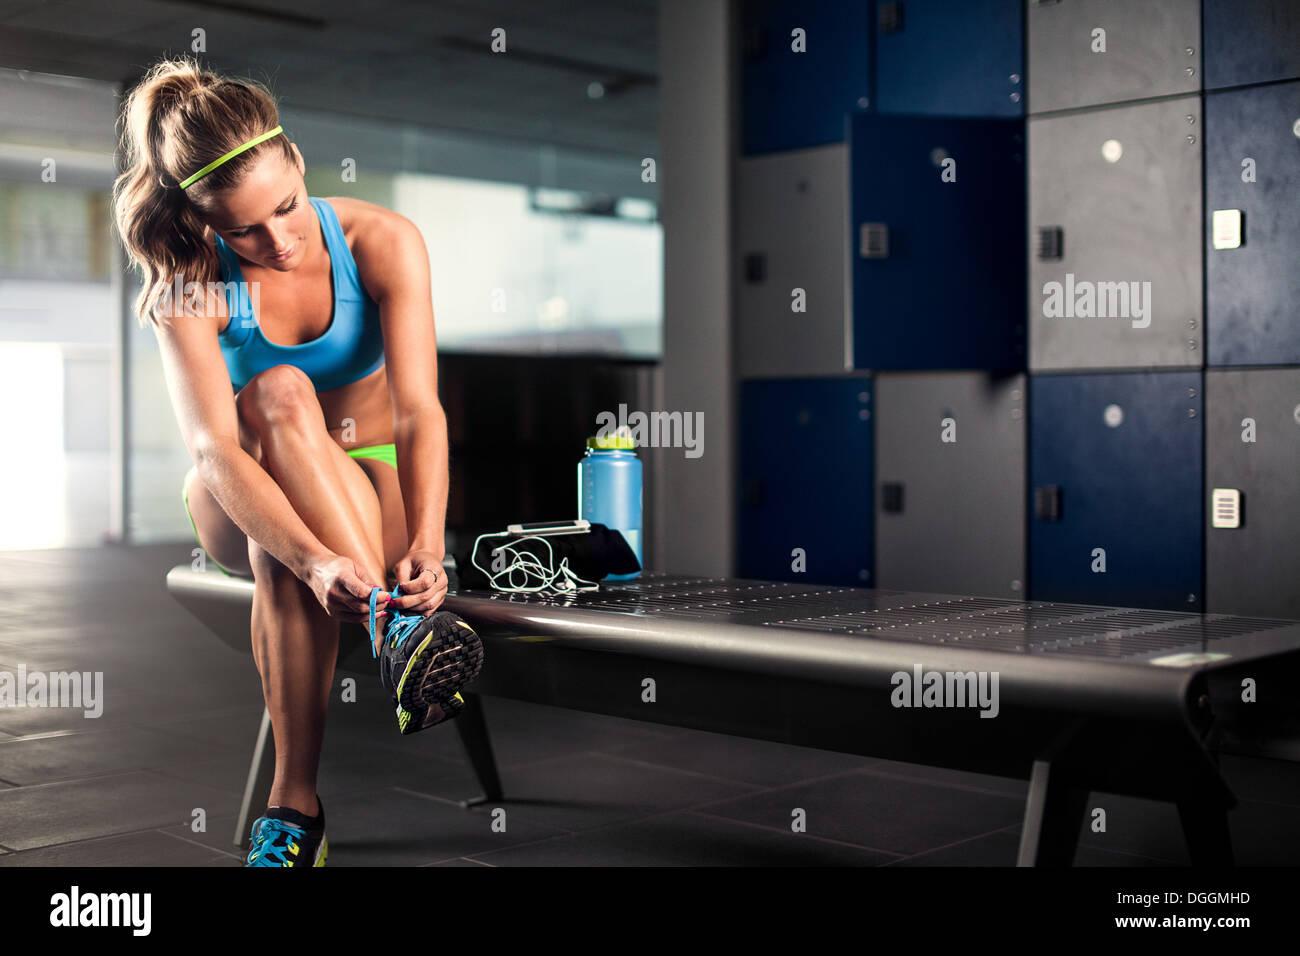 Mujer joven entrenador atado puntilla en gimnasio Imagen De Stock